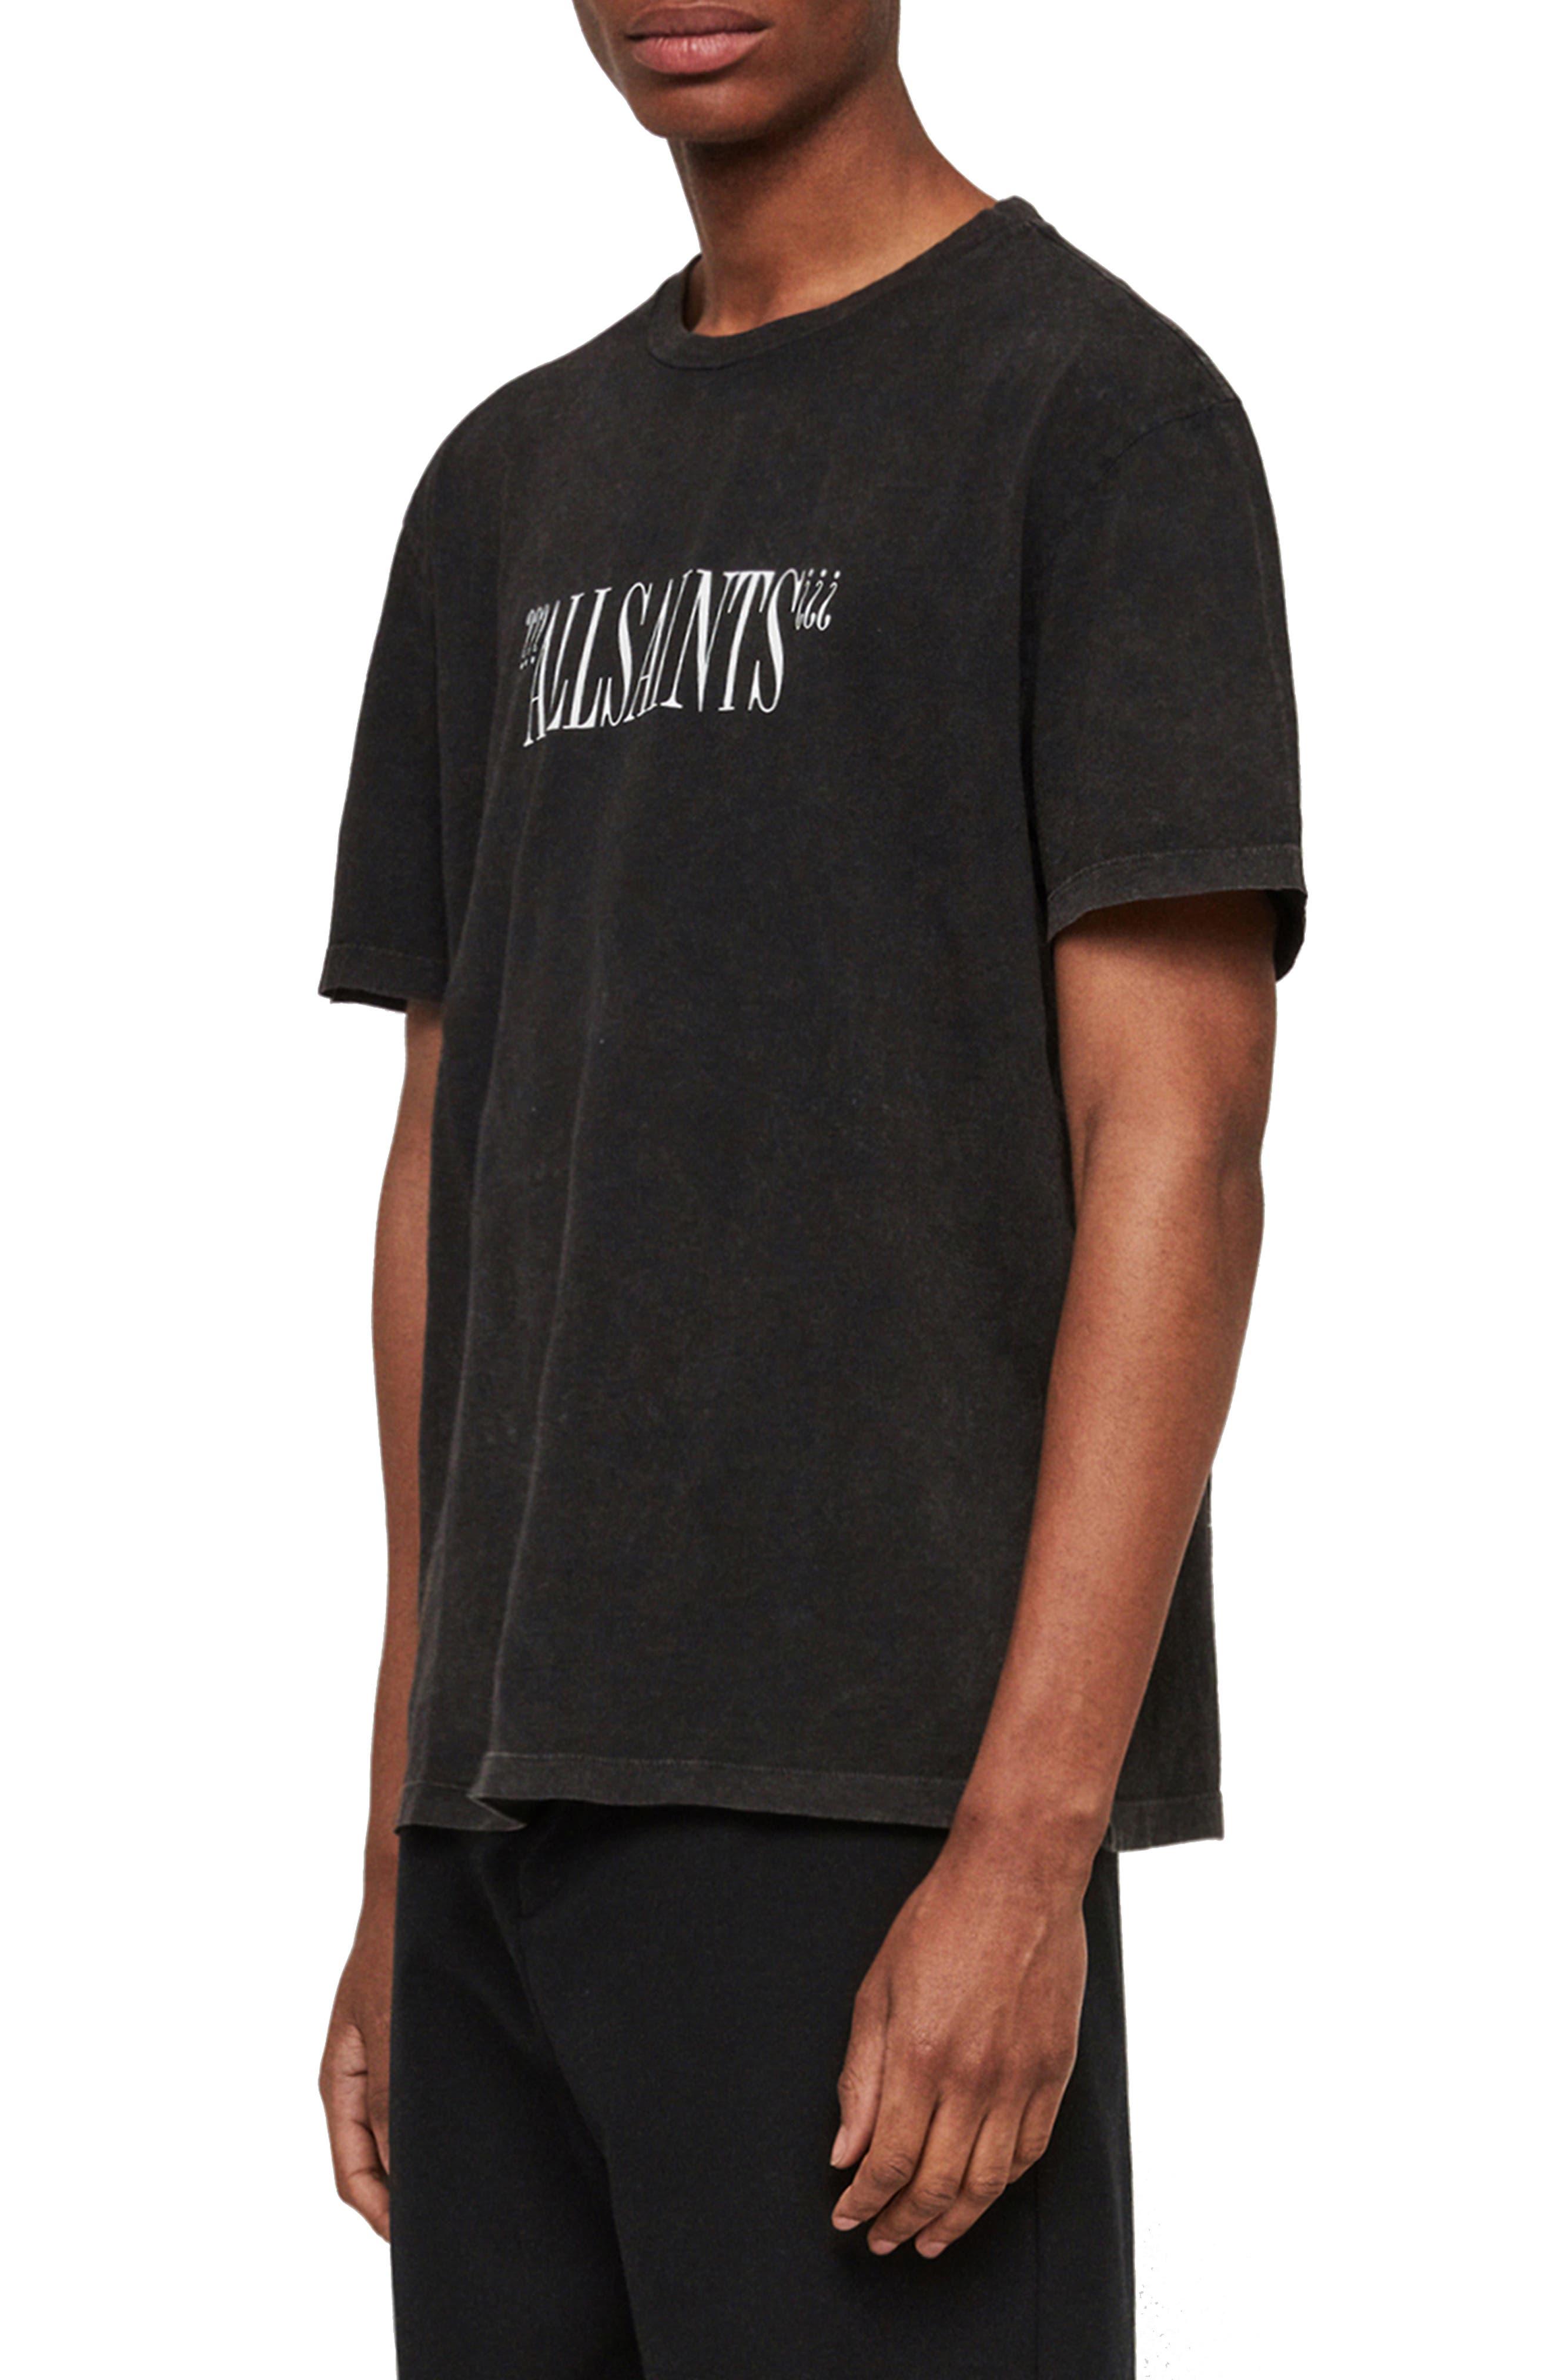 ALLSAINTS, Brackets Classic Fit Crewneck T-Shirt, Alternate thumbnail 3, color, ACID WASHED BLACK